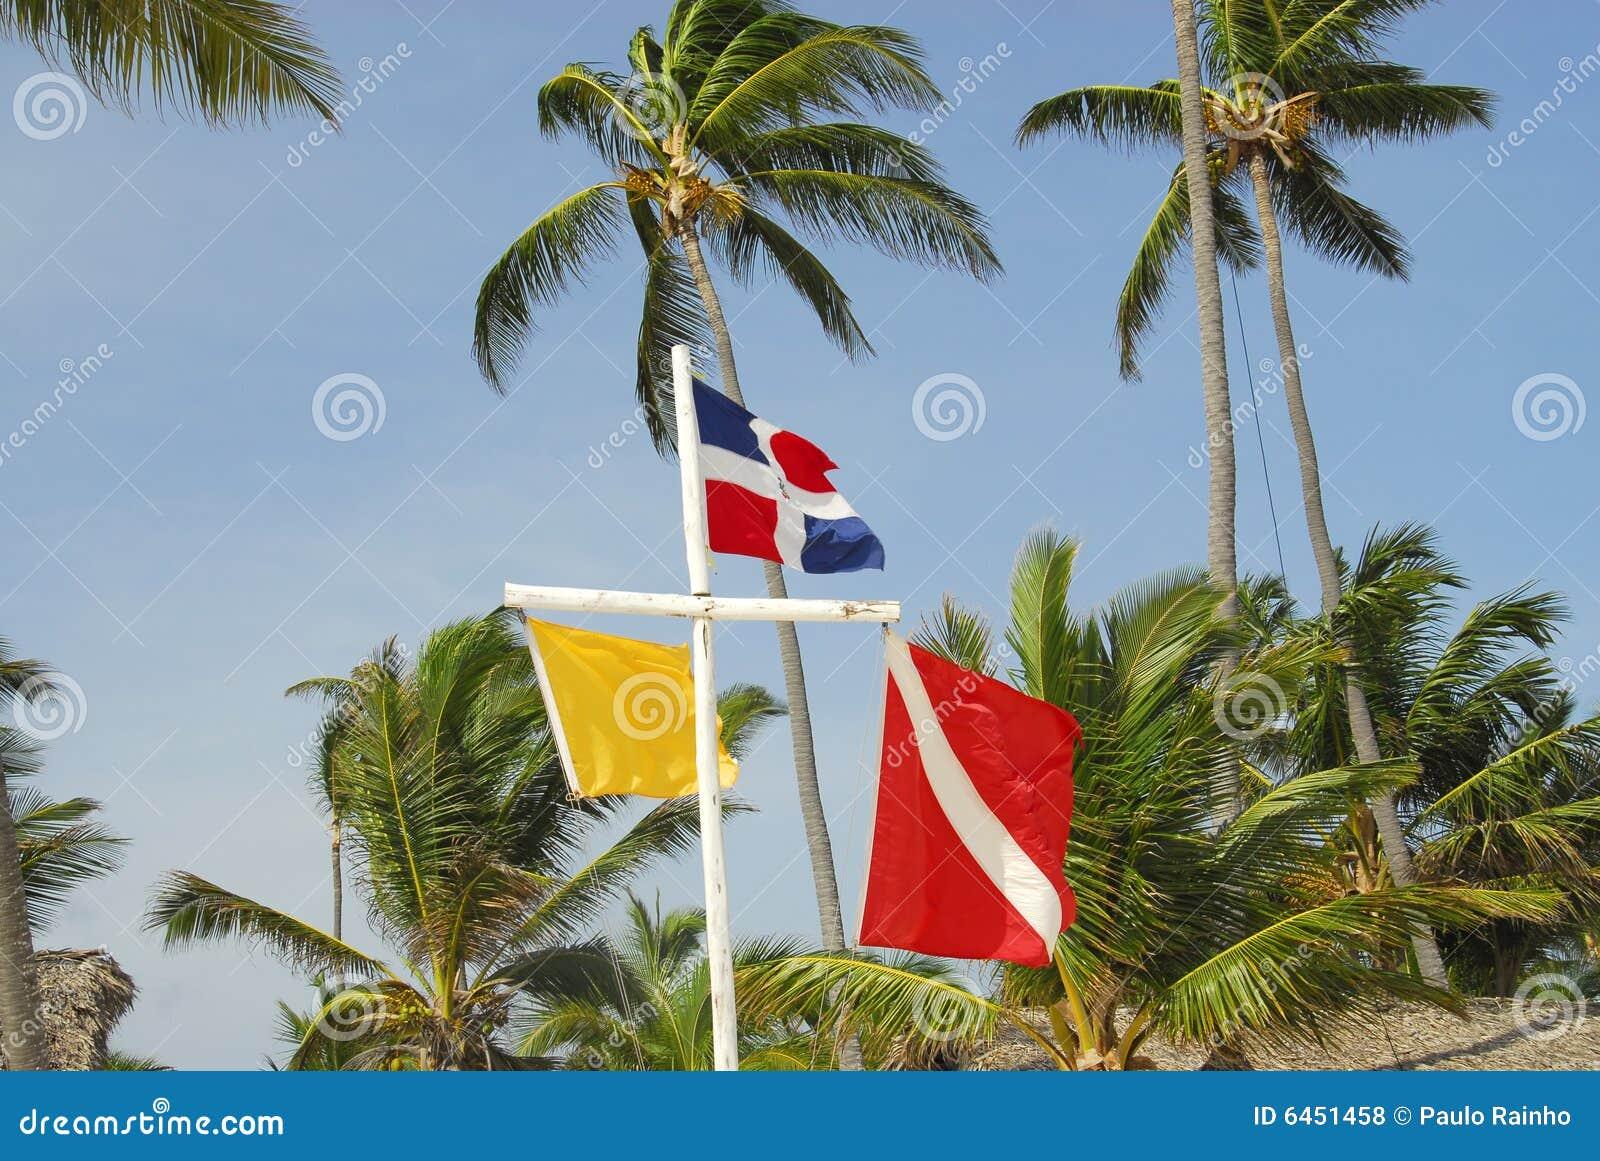 Flaga plażowych